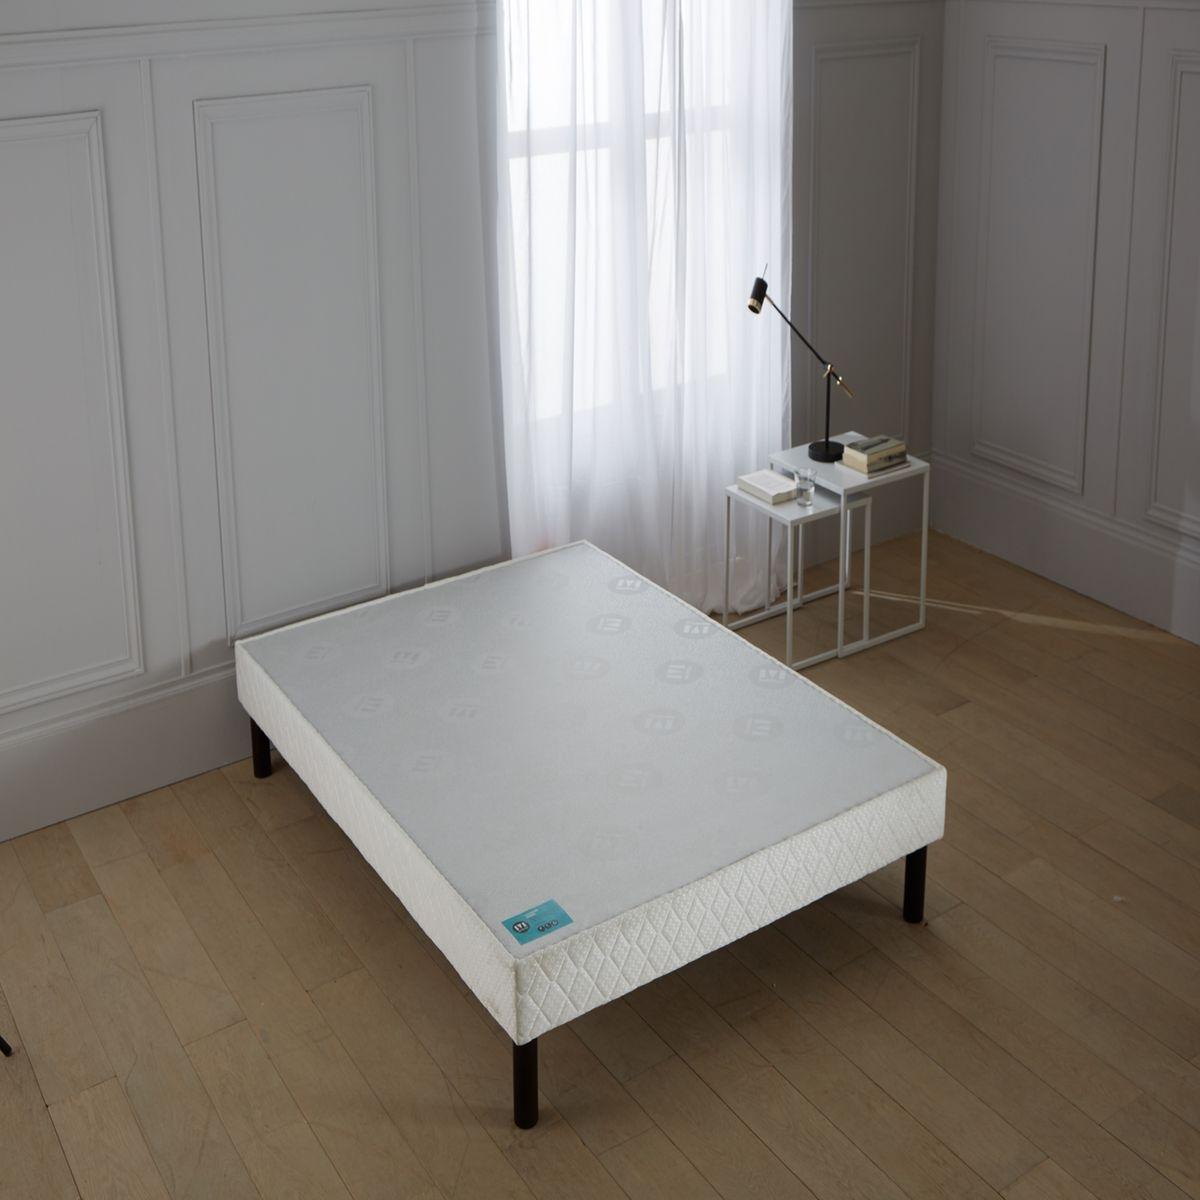 achat sommier latte sommiers literie maison et jardin discount page 5. Black Bedroom Furniture Sets. Home Design Ideas